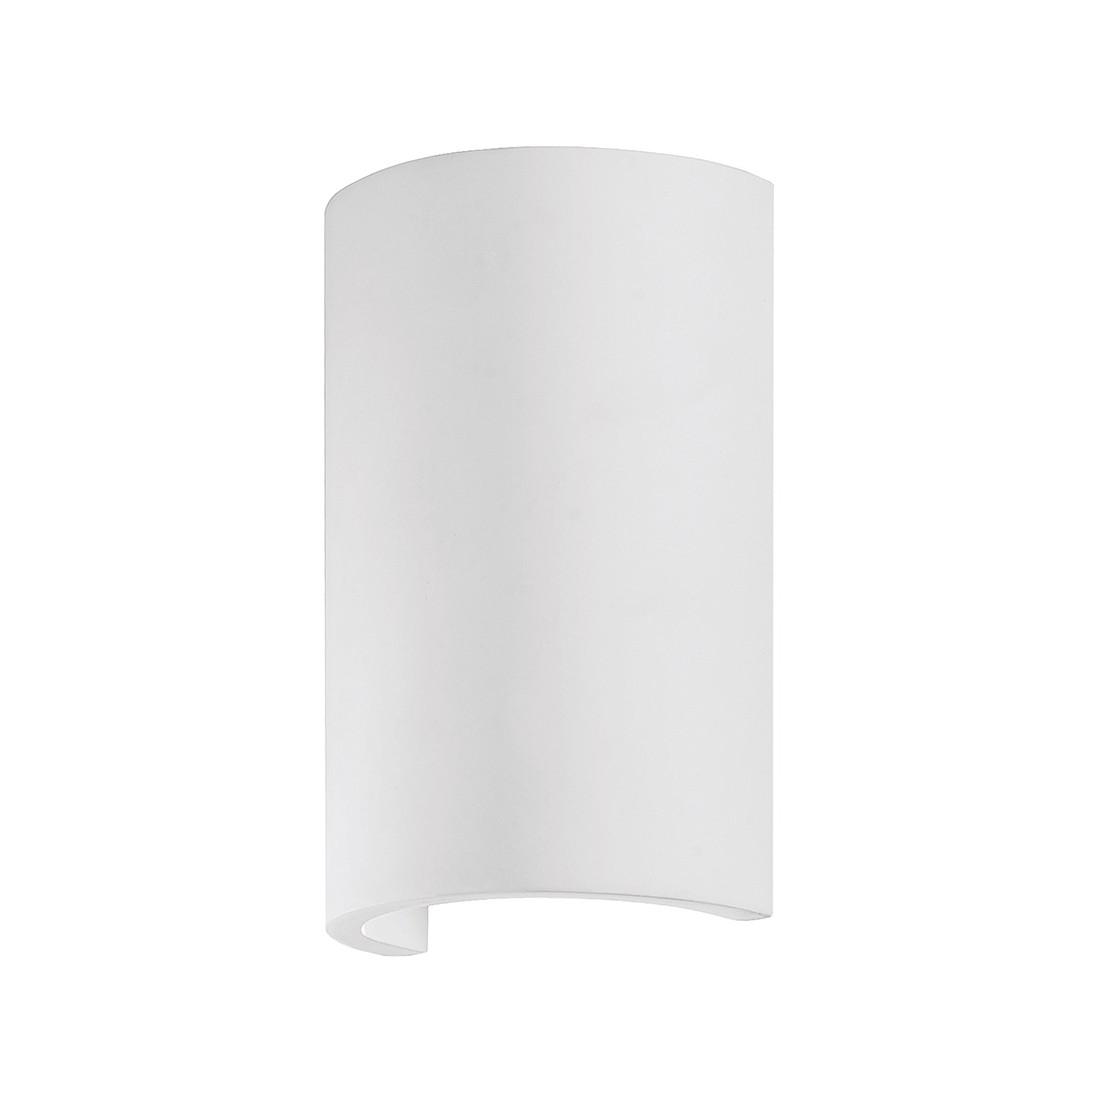 LED-Wandleuchte Rappin ● Weiß ● Stein/Gips- FLI Leuchten A+